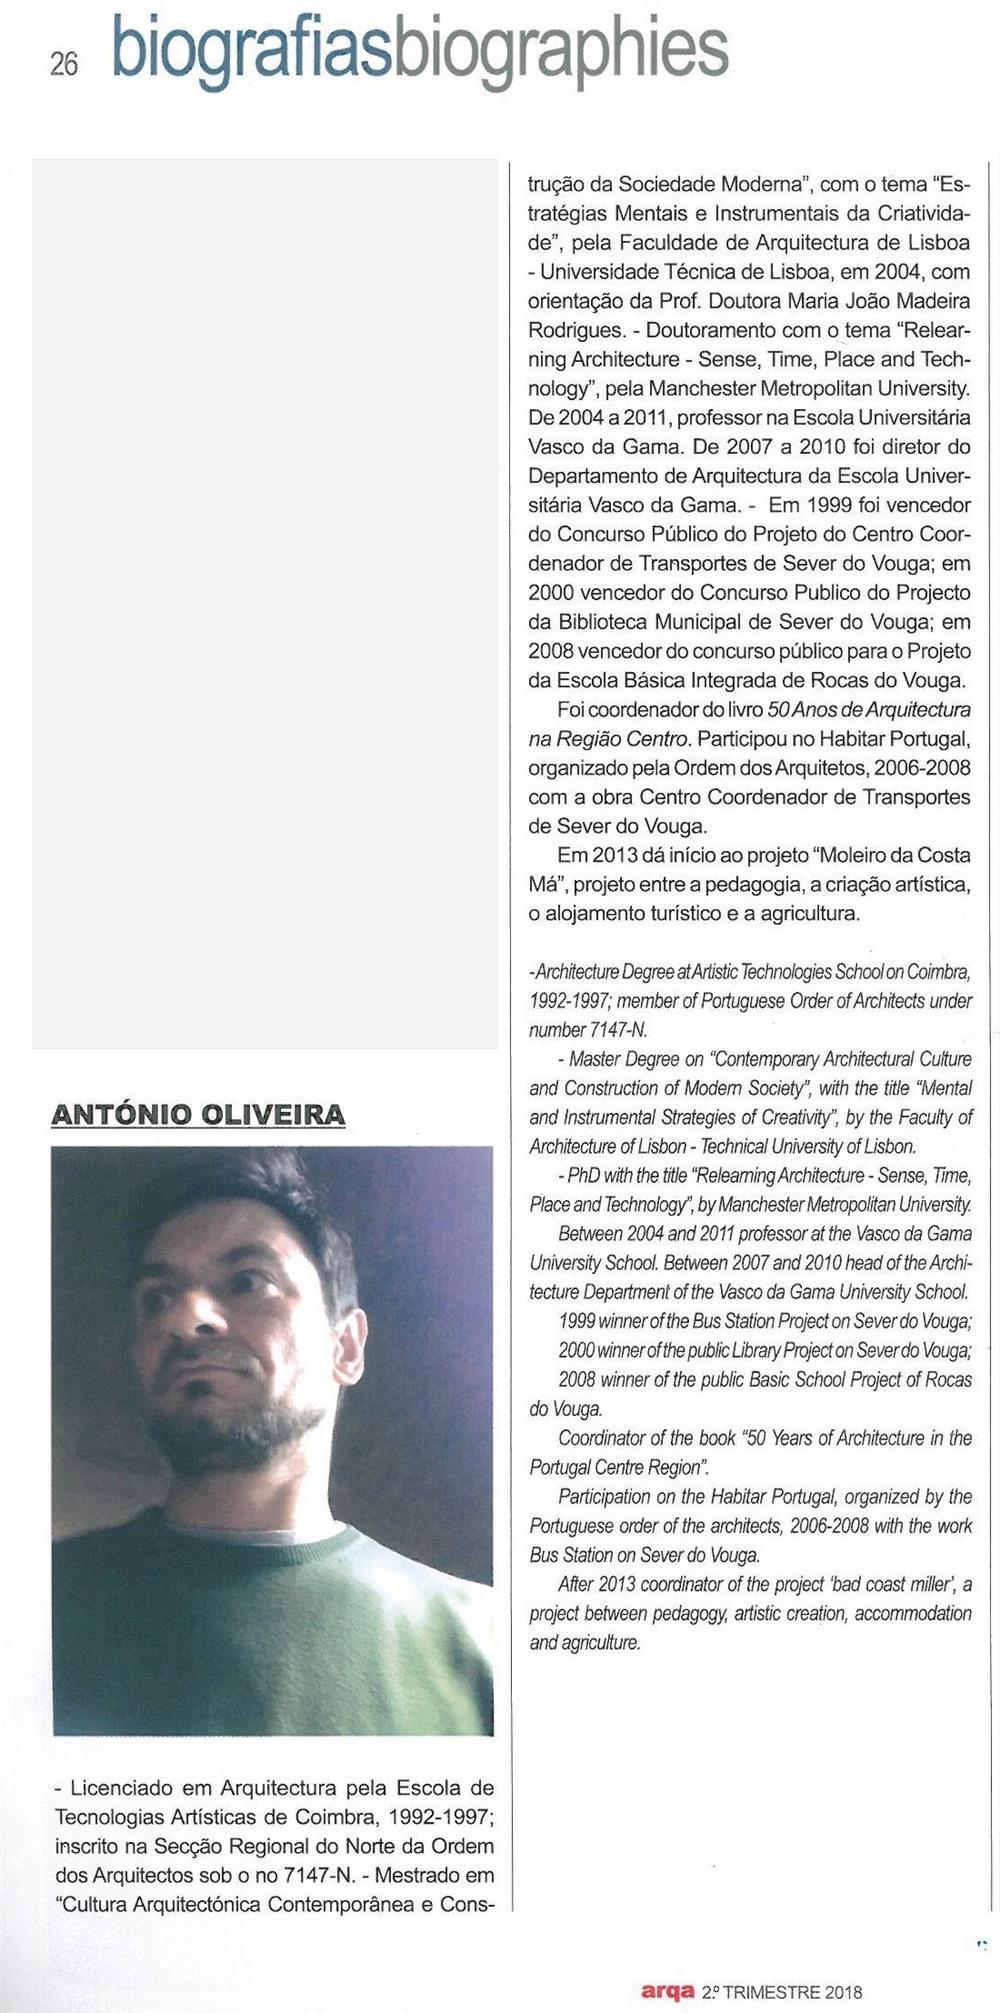 Arqa-N.º130,2.ºtrim.'18-p.26-António Oliveira.jpg